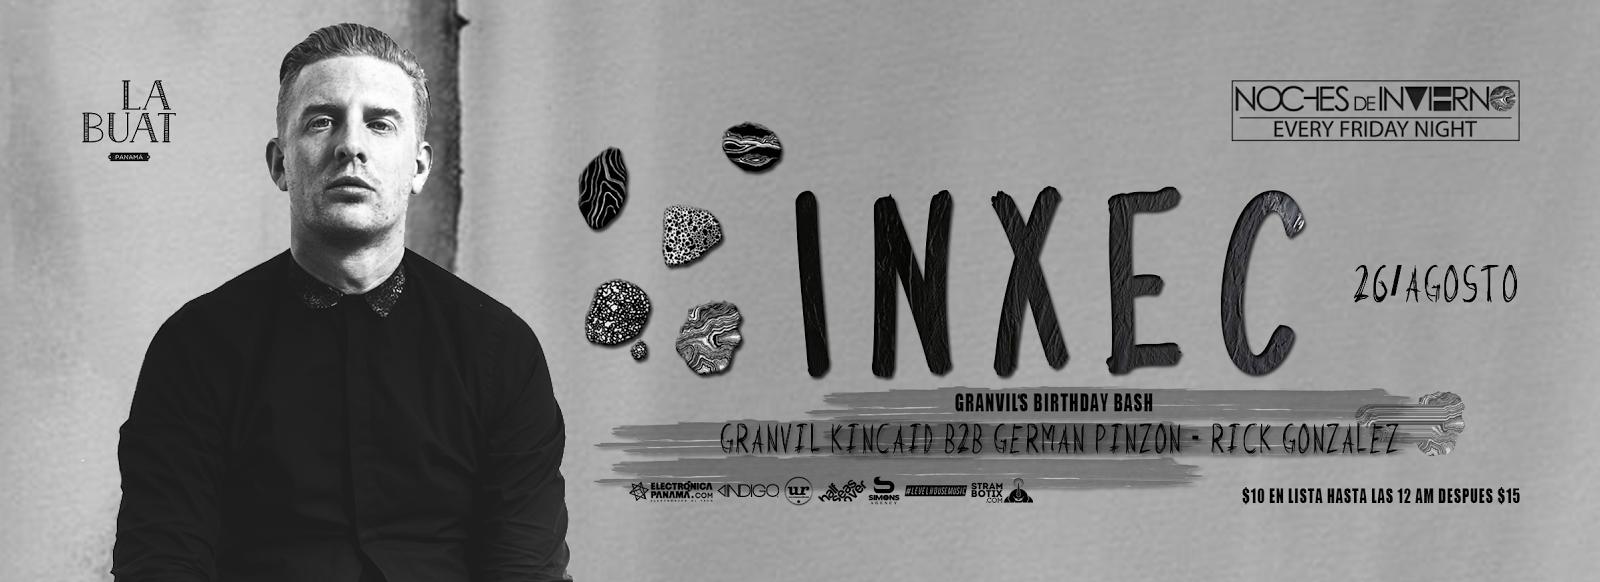 INXEC - La Buat.